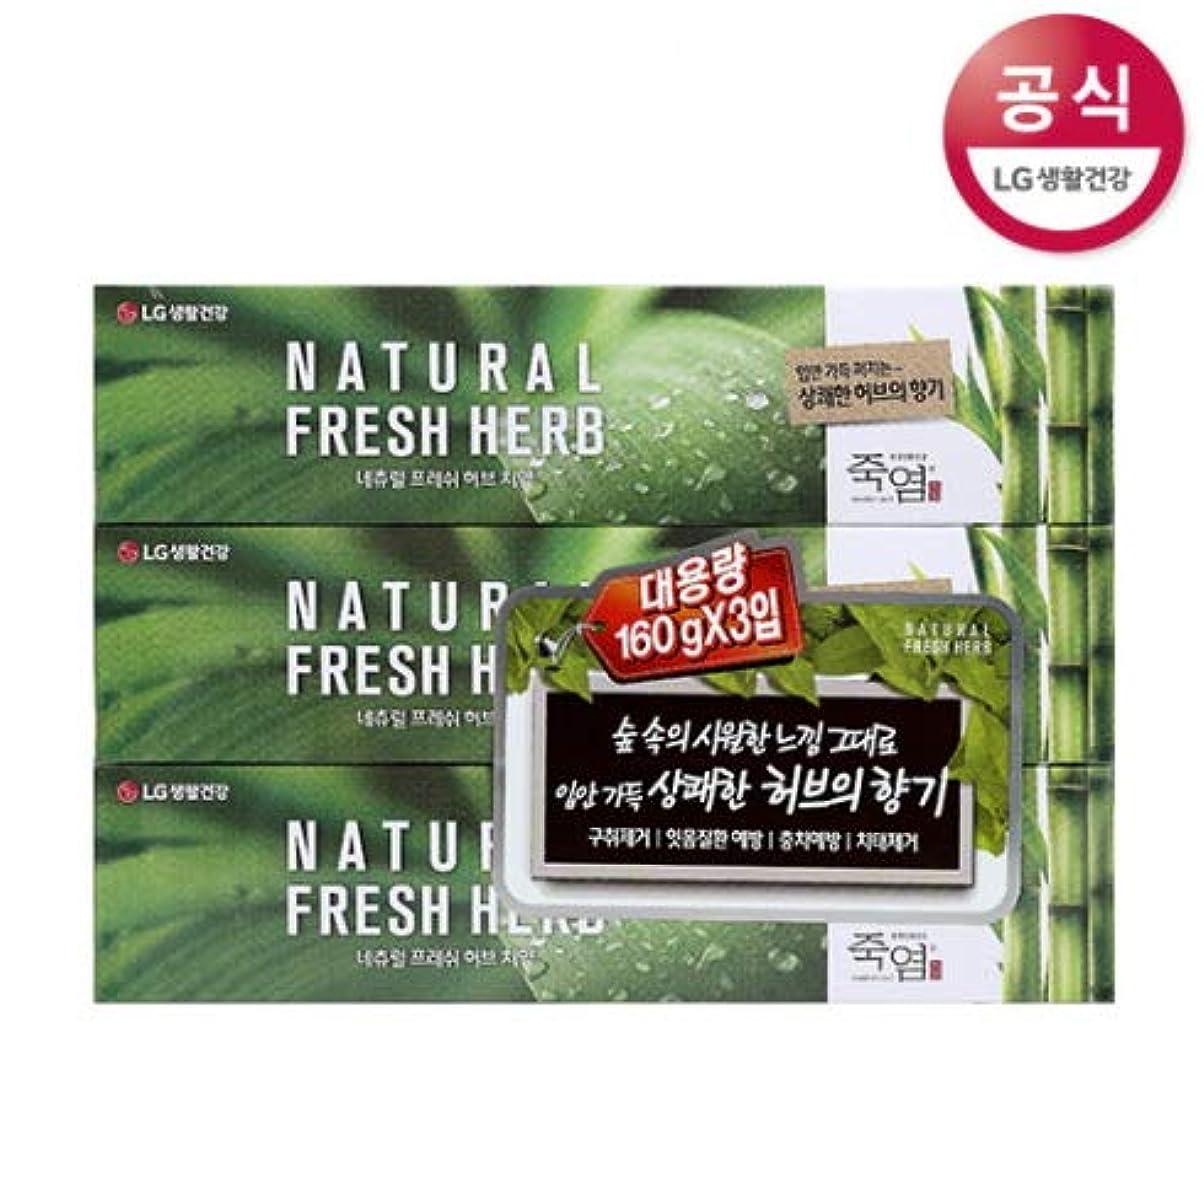 モンク誇りに思う保証金[LG HnB] Bamboo Salt Natural Fresh Herbal Toothpaste/竹塩ナチュラルフレッシュハーブ歯磨き粉 160gx3個(海外直送品)